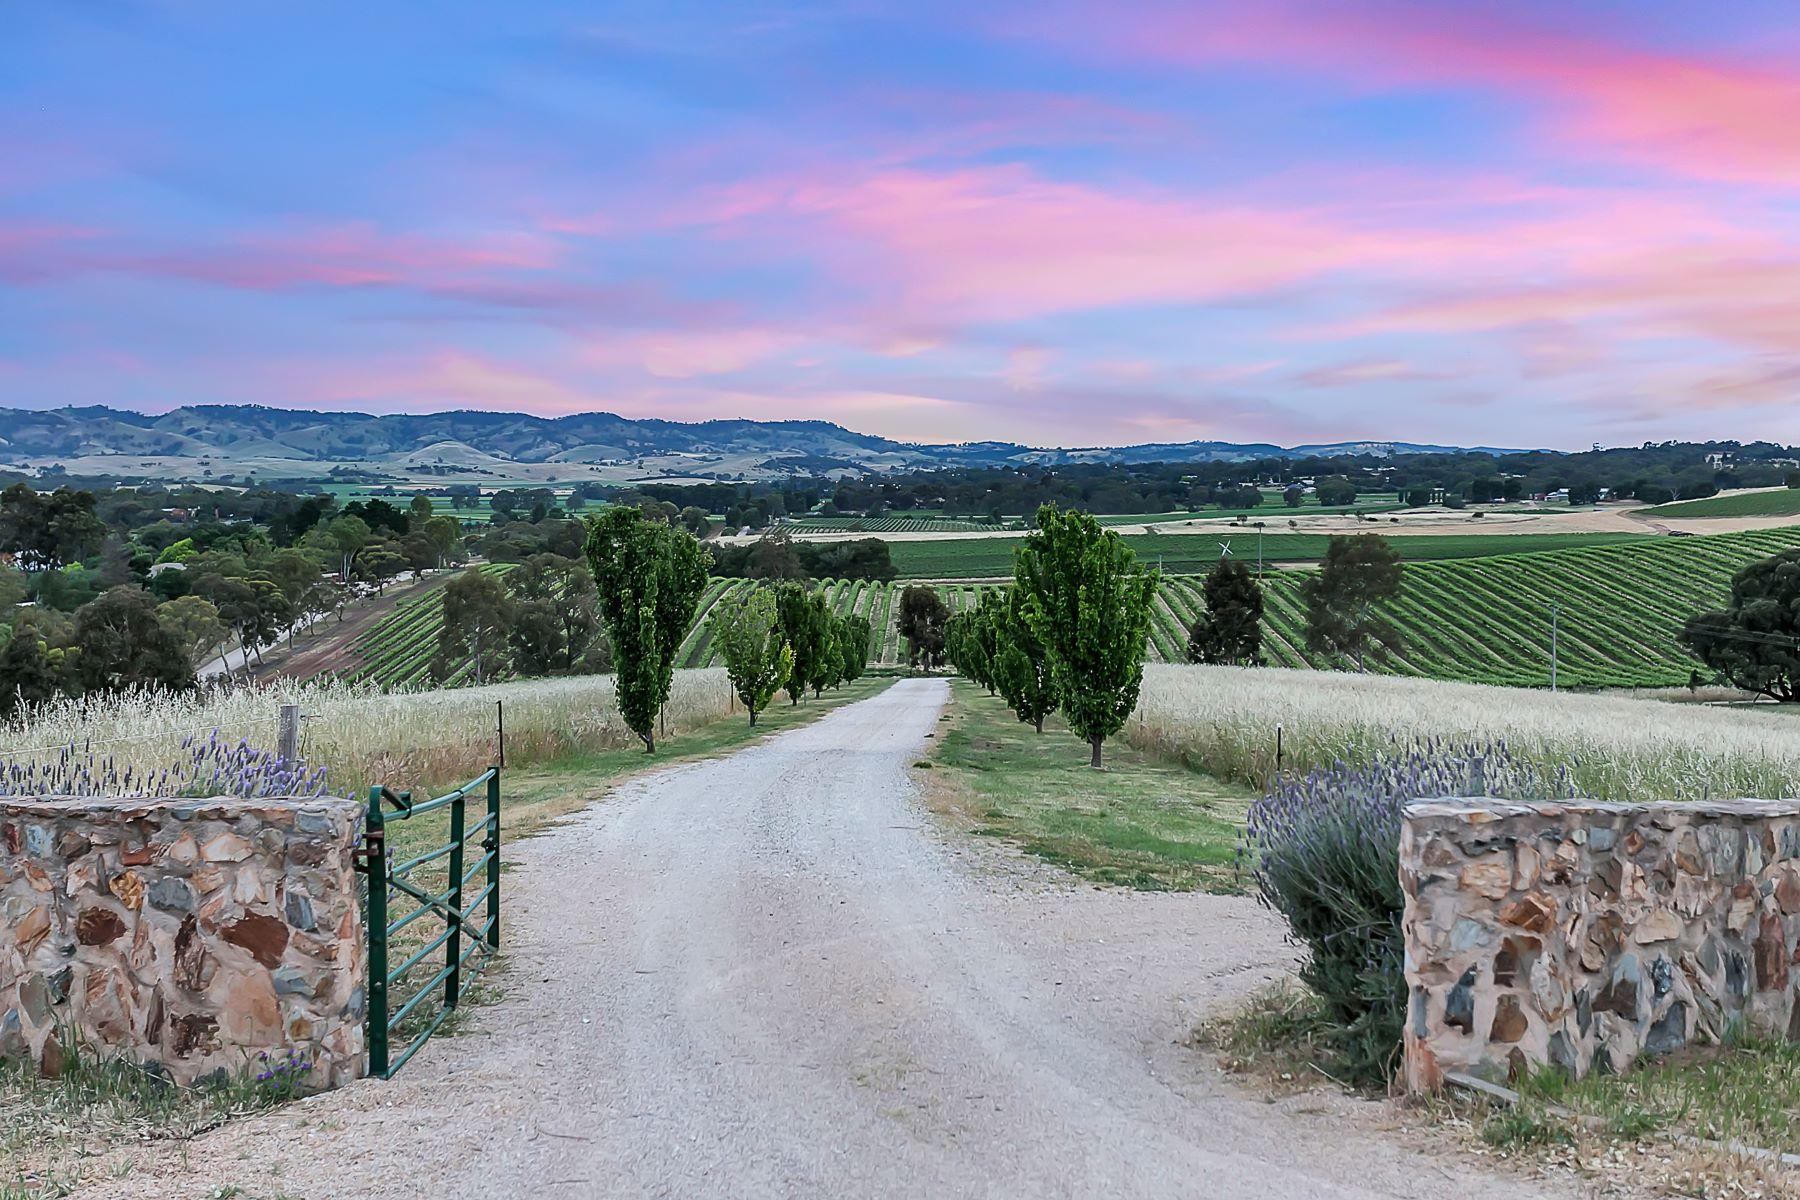 معمل نبيذ للـ Sale في Breathtaking Barossa Valley Estate 219 Yaldara Drive Other South Australia, South Australia, 5351 Australia